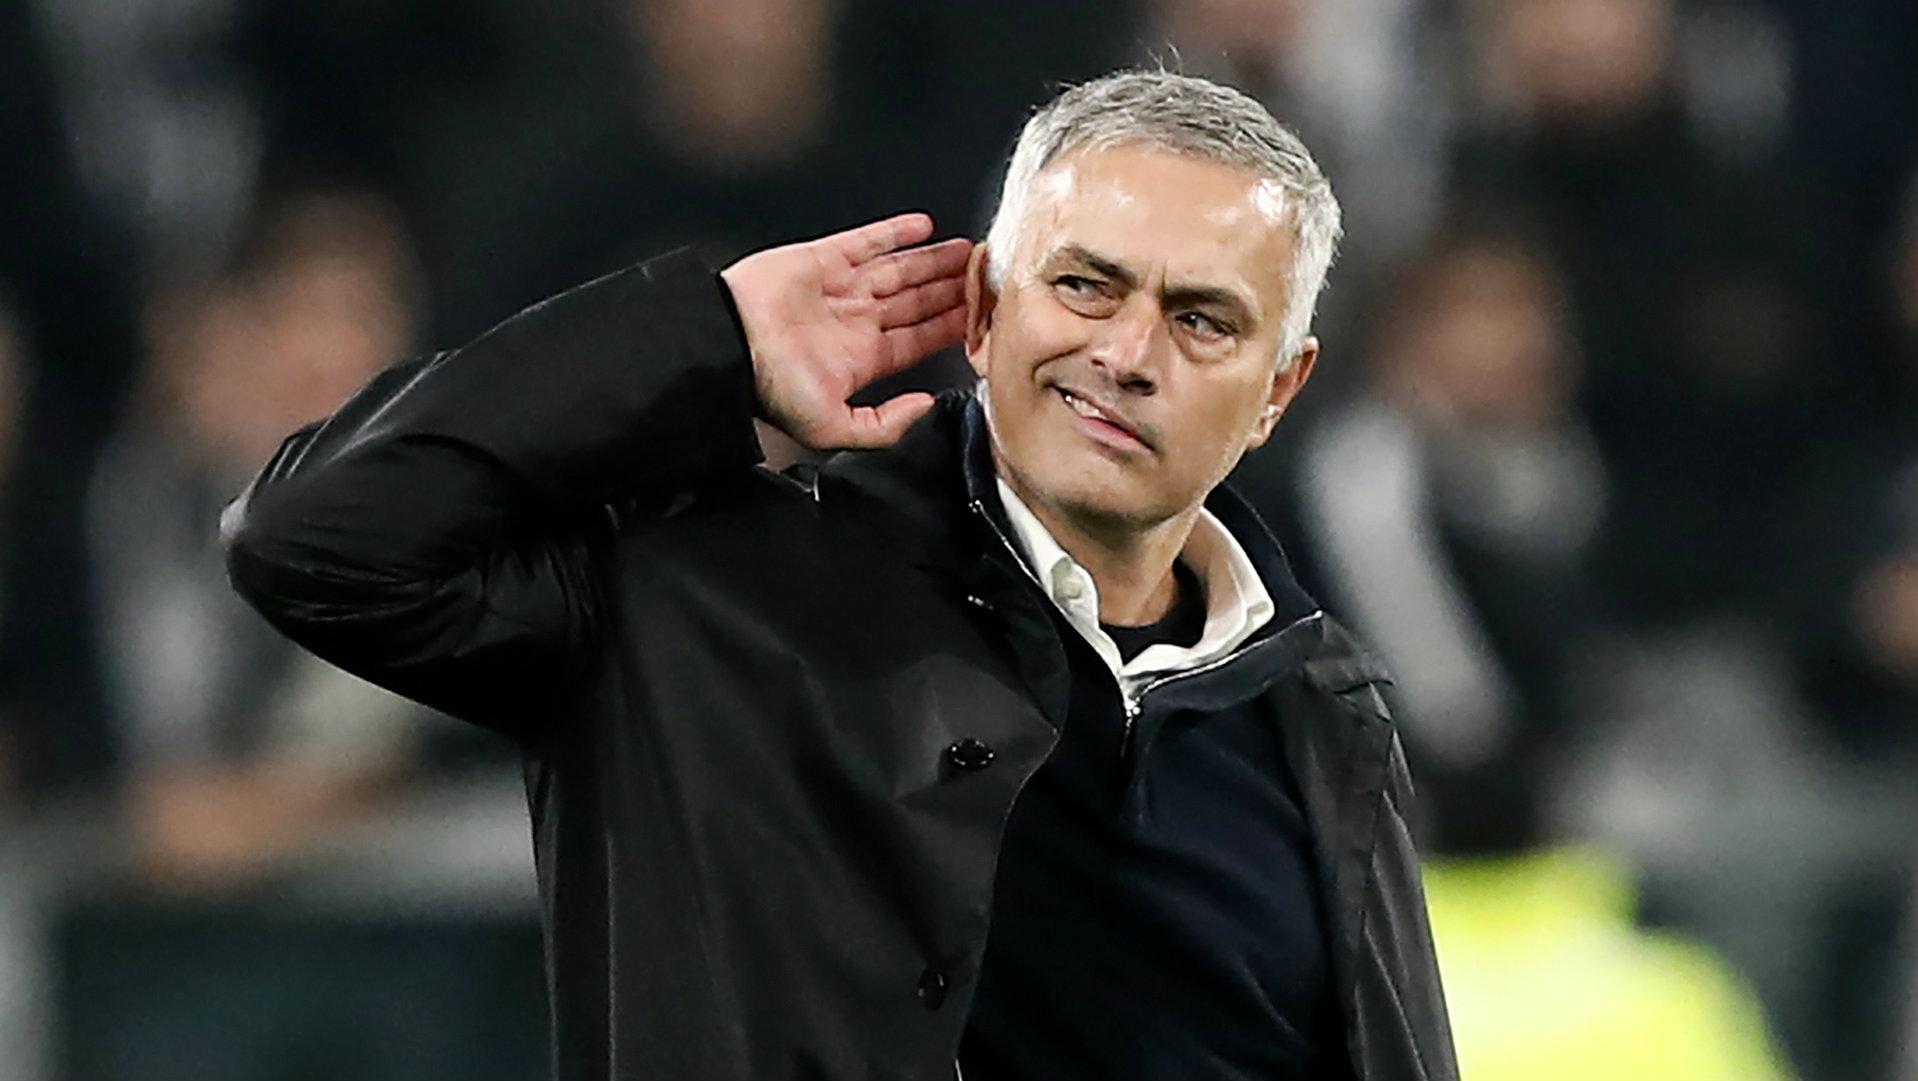 Jose Mourinho Didn't Surprise Me, That's Part Of His Act – Juventus Legend - Bóng Đá